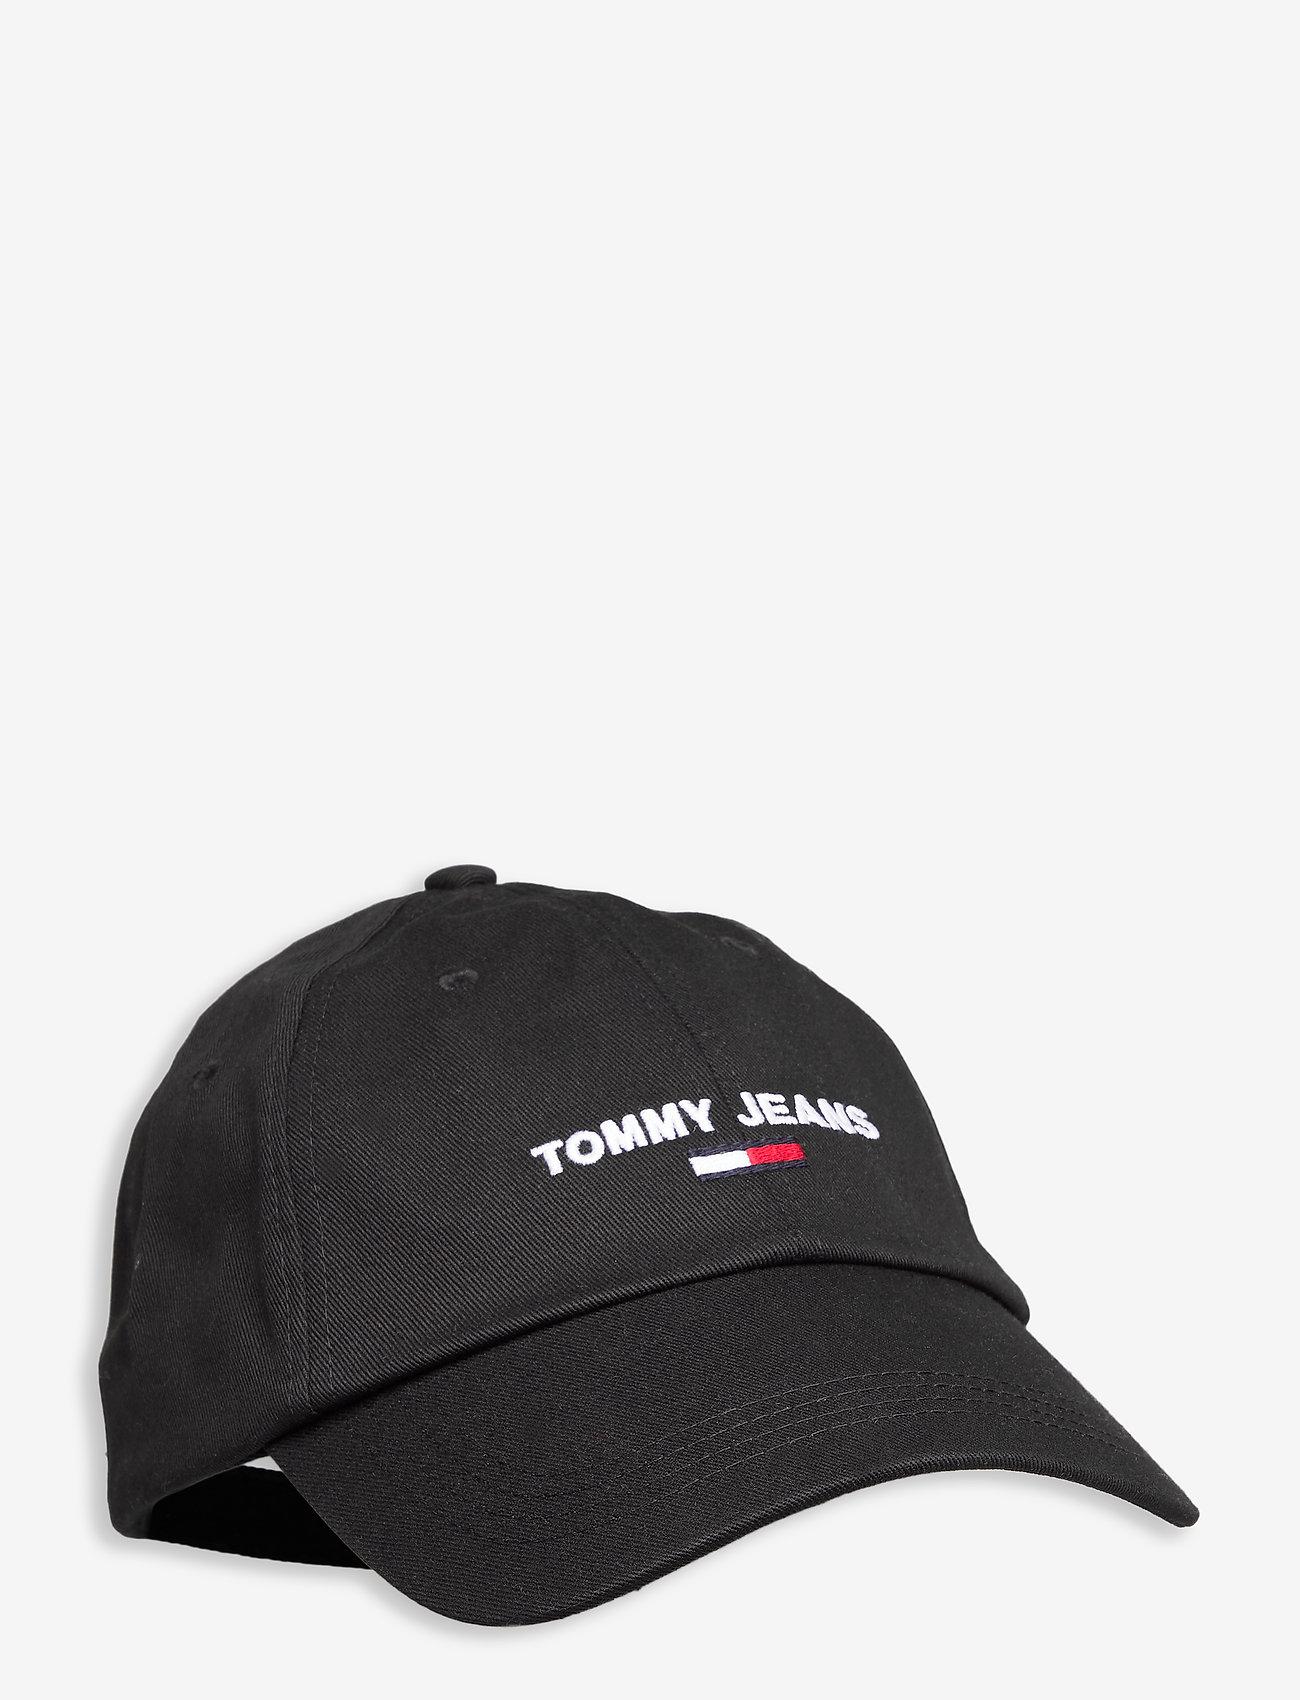 Tommy Hilfiger - TJM SPORT CAP - casquettes - black - 0